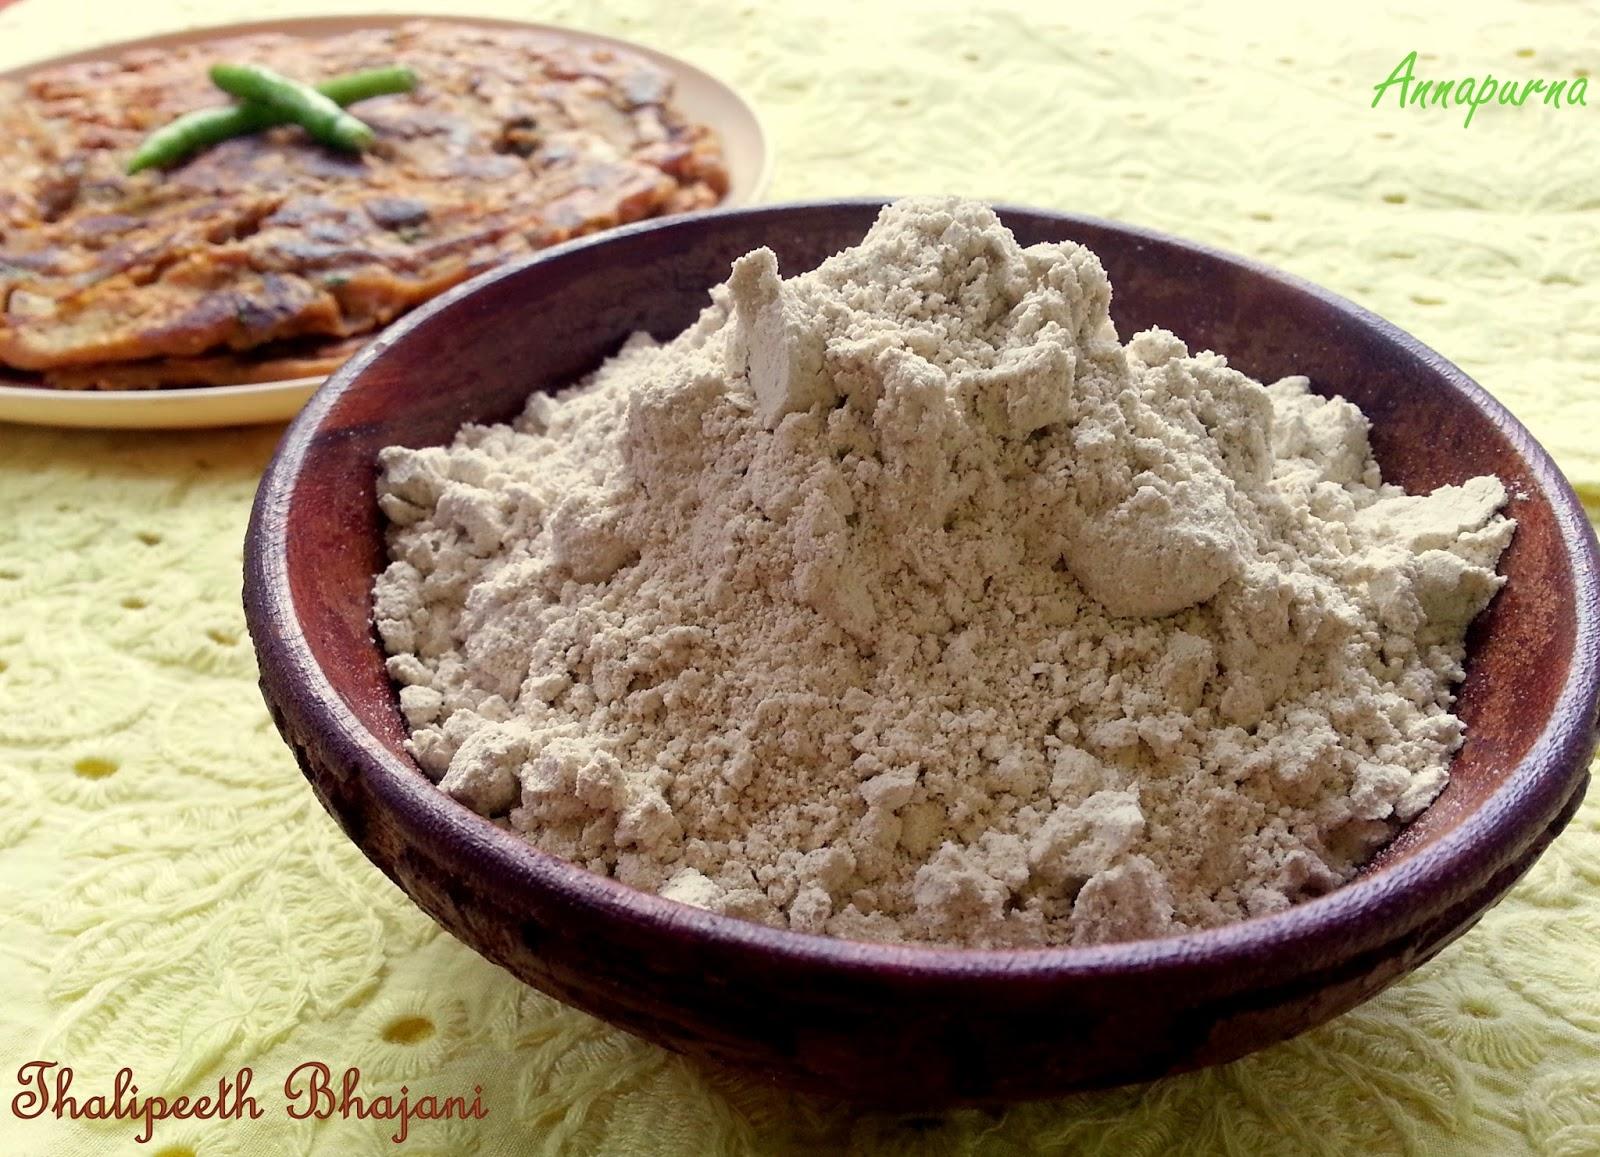 Annapurna: Thalipeeth Bhajani / Roasted Multi Grain Flour